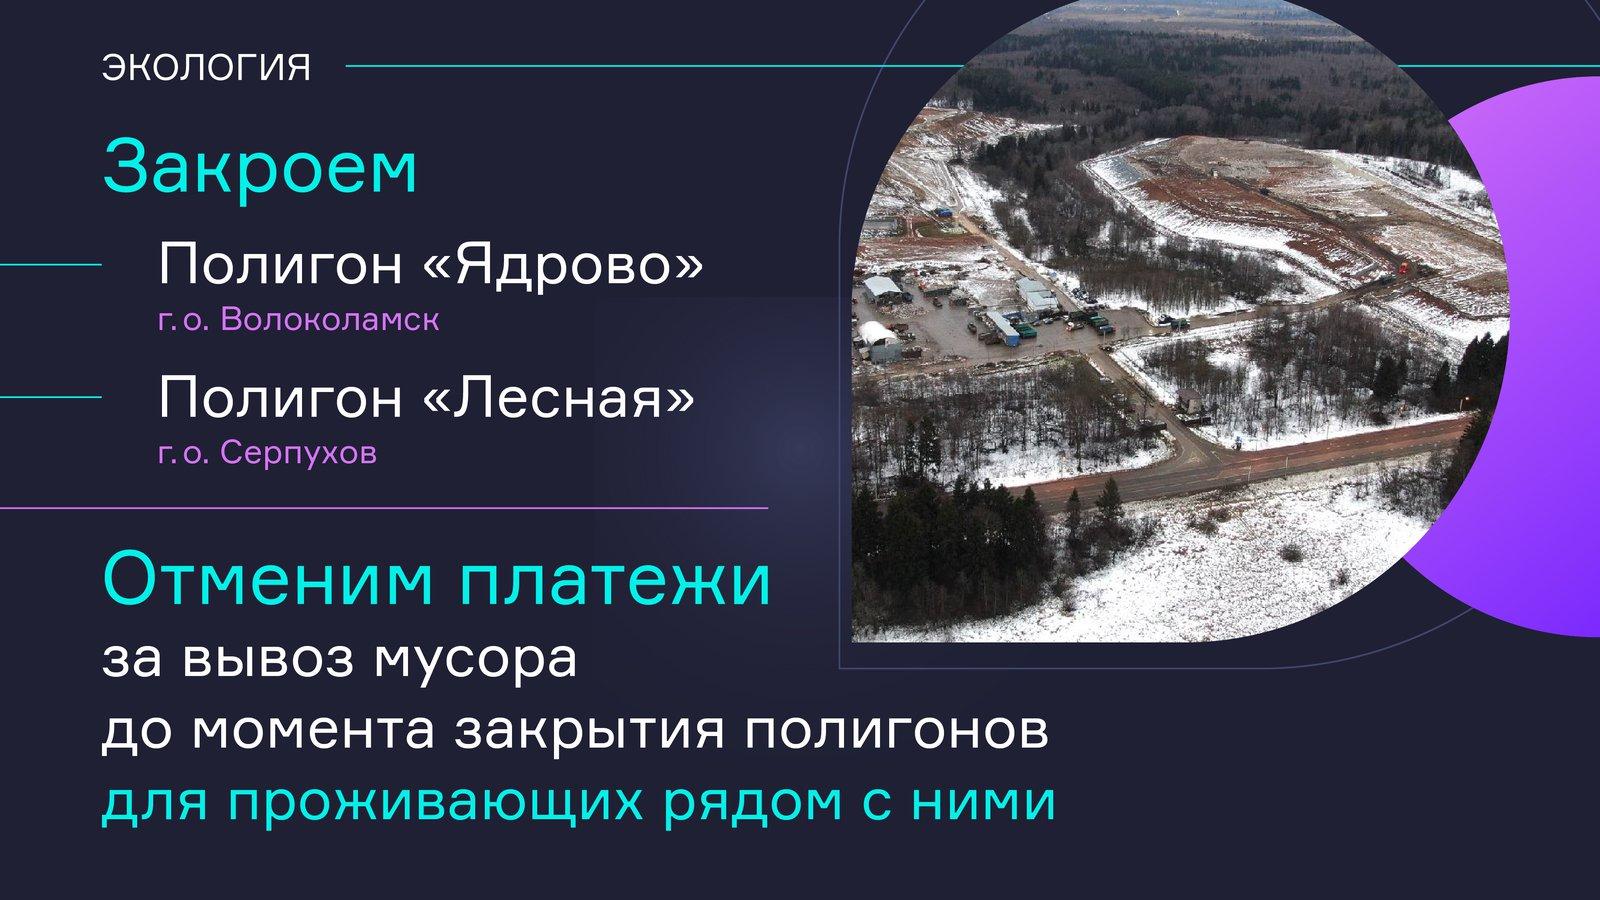 Андрей Воробьев губернатор московской области - Утром — вывоз мусора, вечером — деньги. Отменяем плату за вывоз ТБО